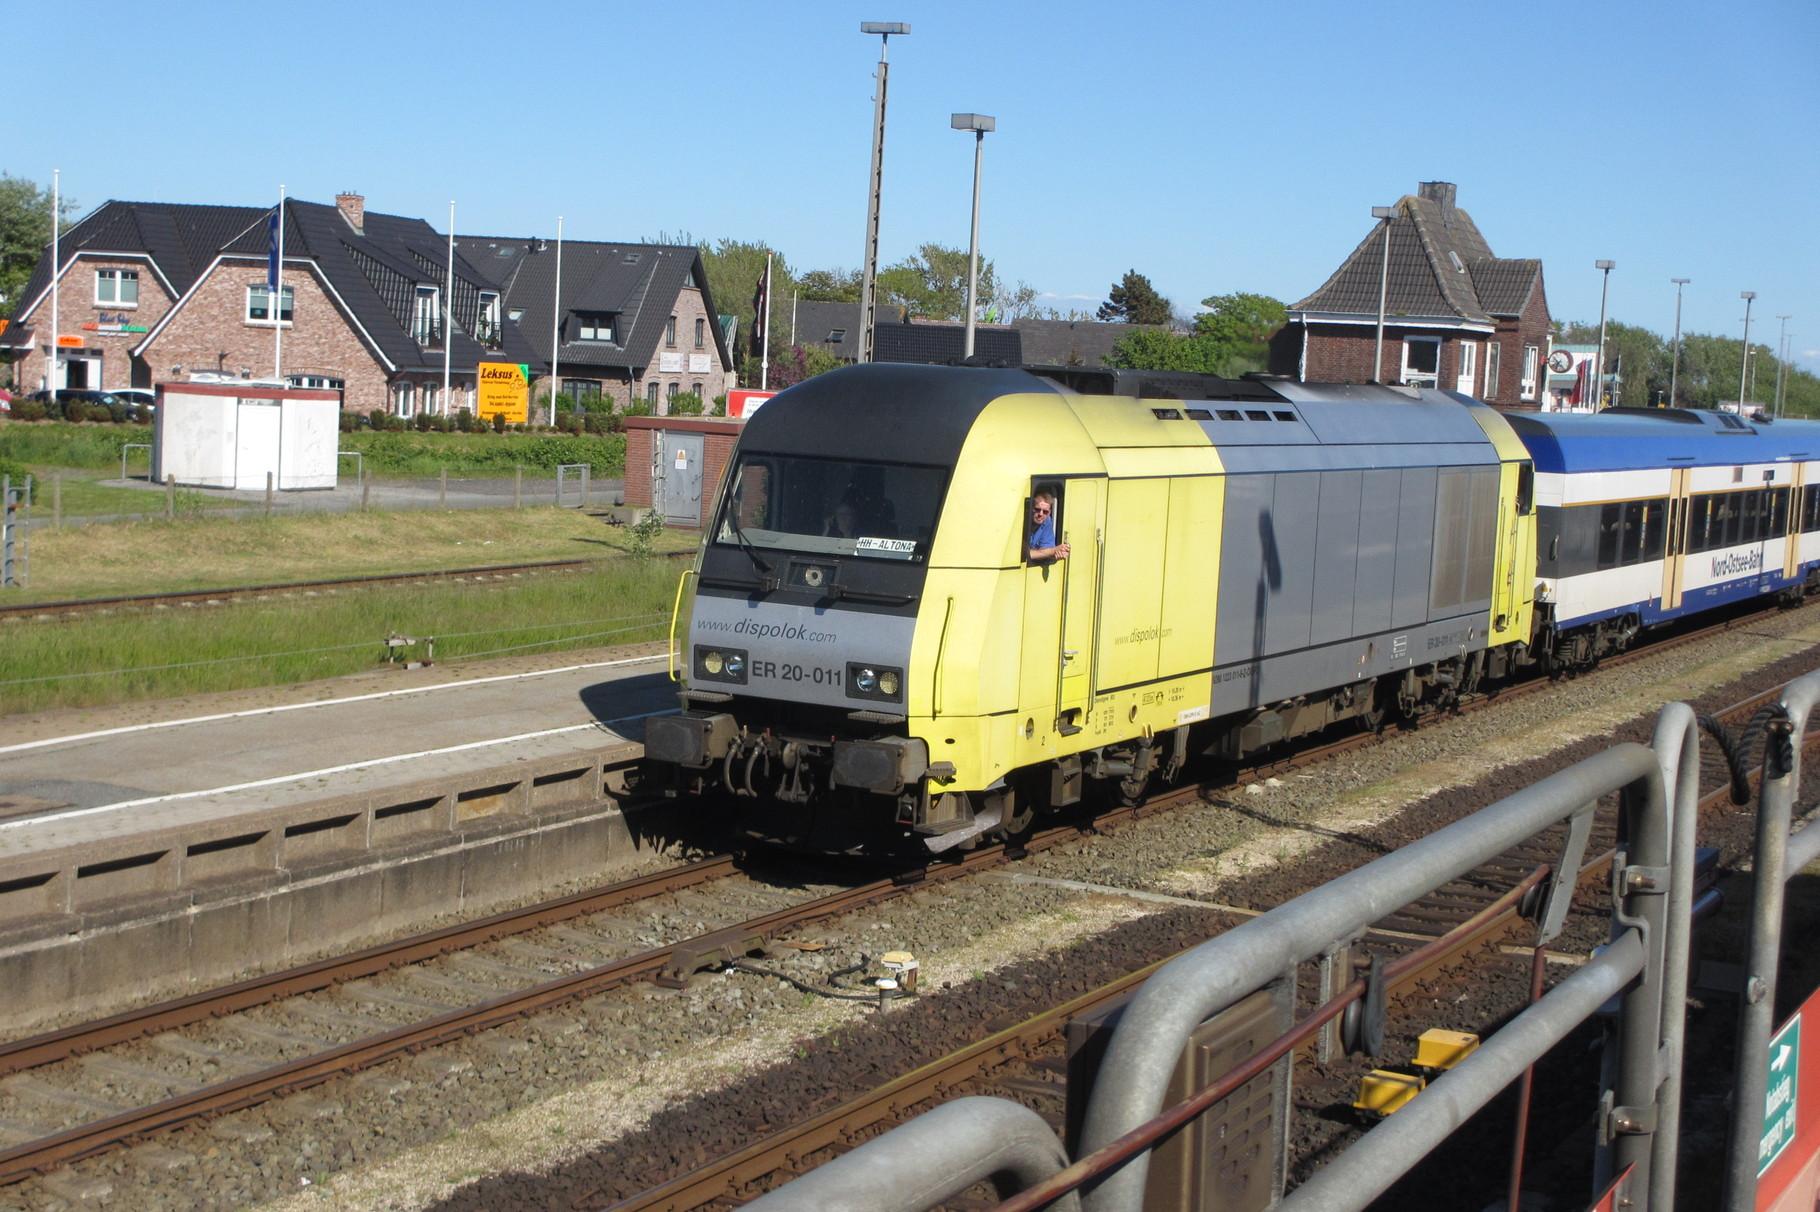 Die E-20 fährt in den Bahnhof Westerland ein